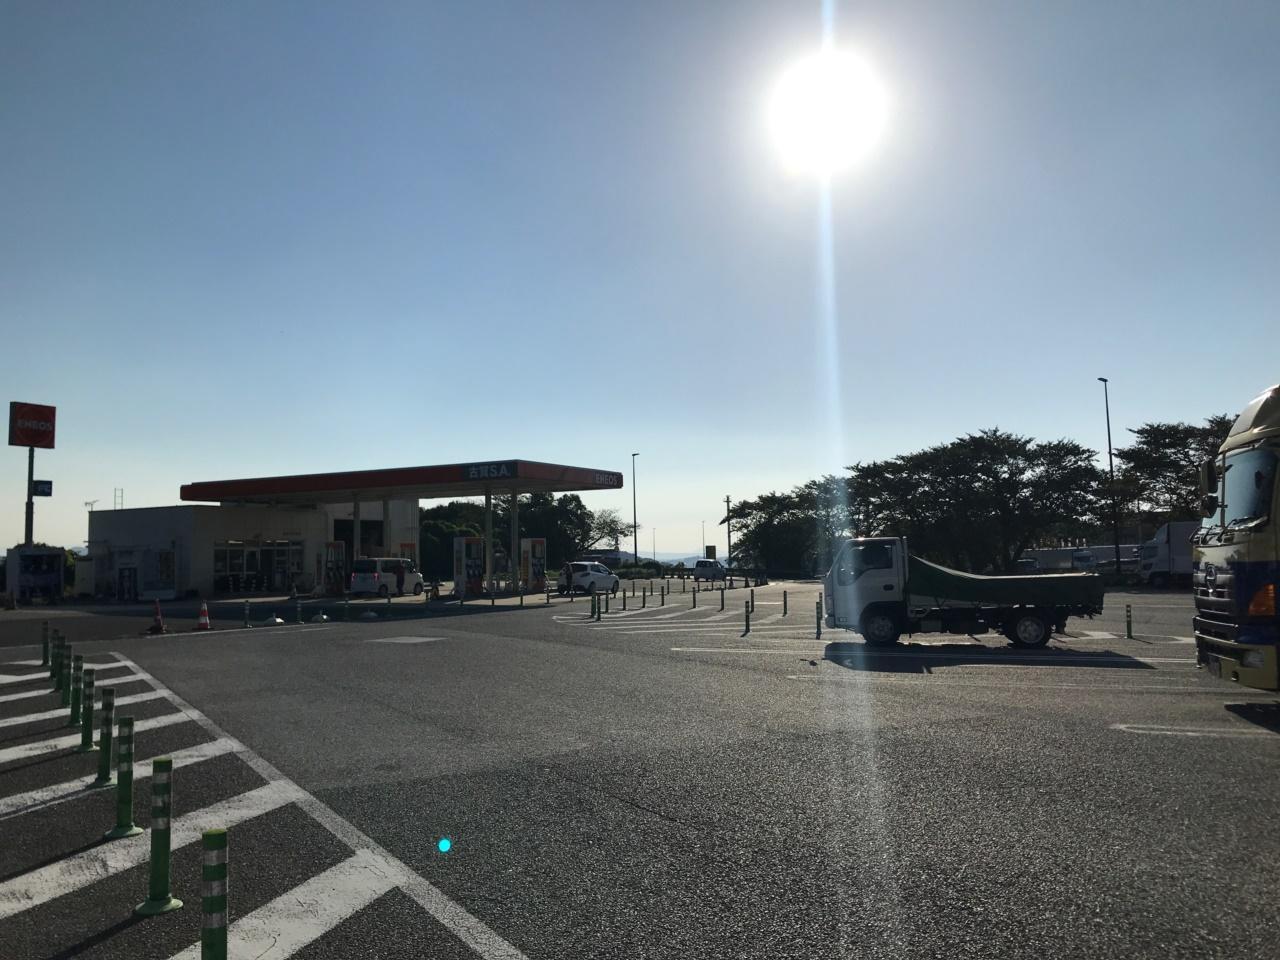 画像: 玄海灘にも近く海風が気持ちいい古賀サービスエリア。停車時のドアの開閉には注意が必要だ。